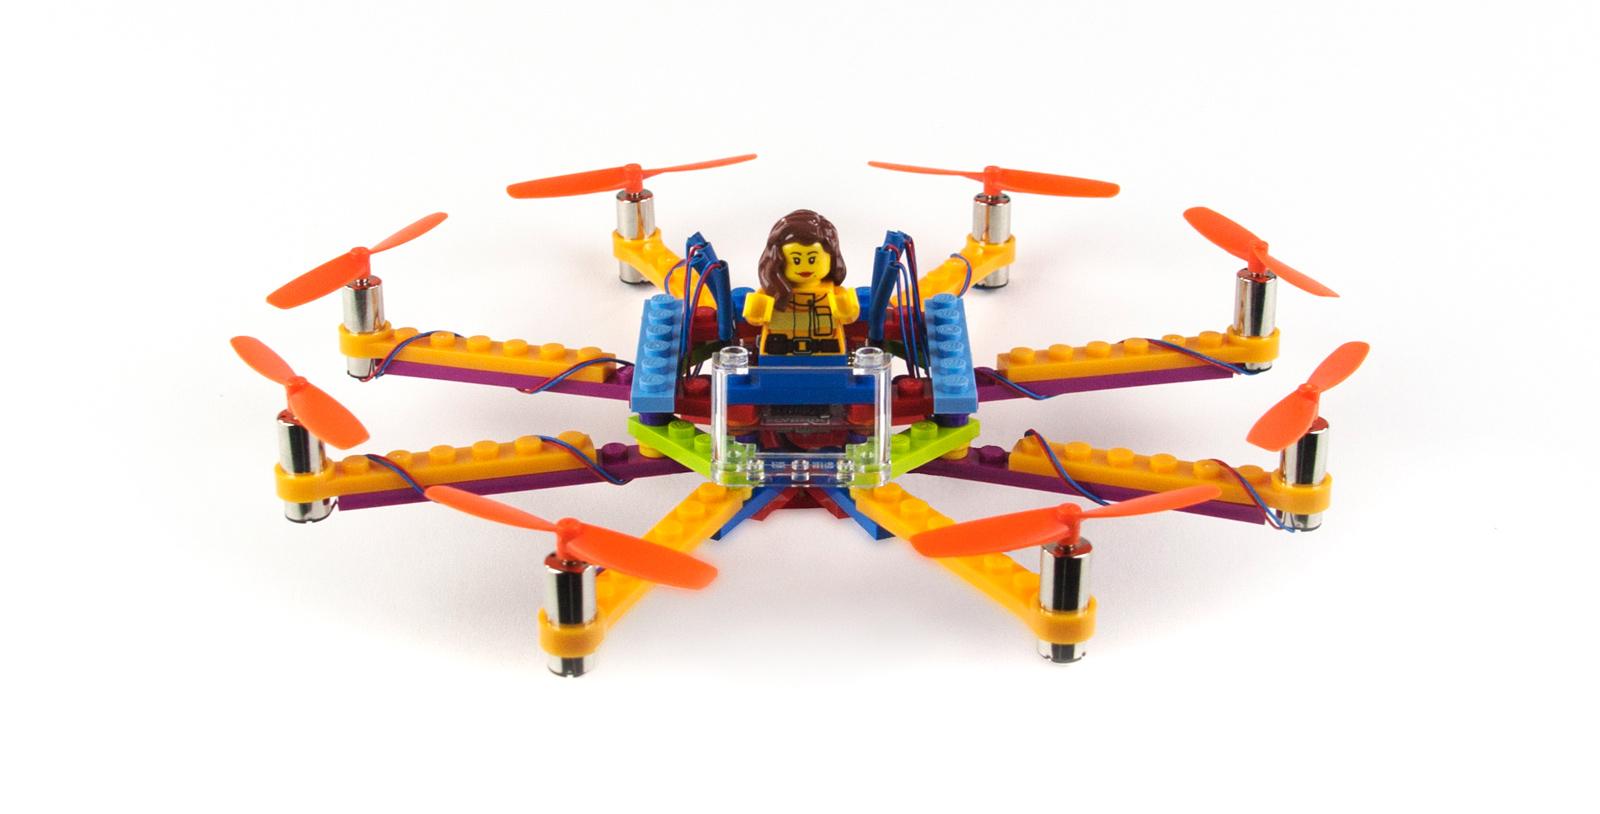 用這些 Flybtix 套件來組裝你自己的 Lego 無人機吧